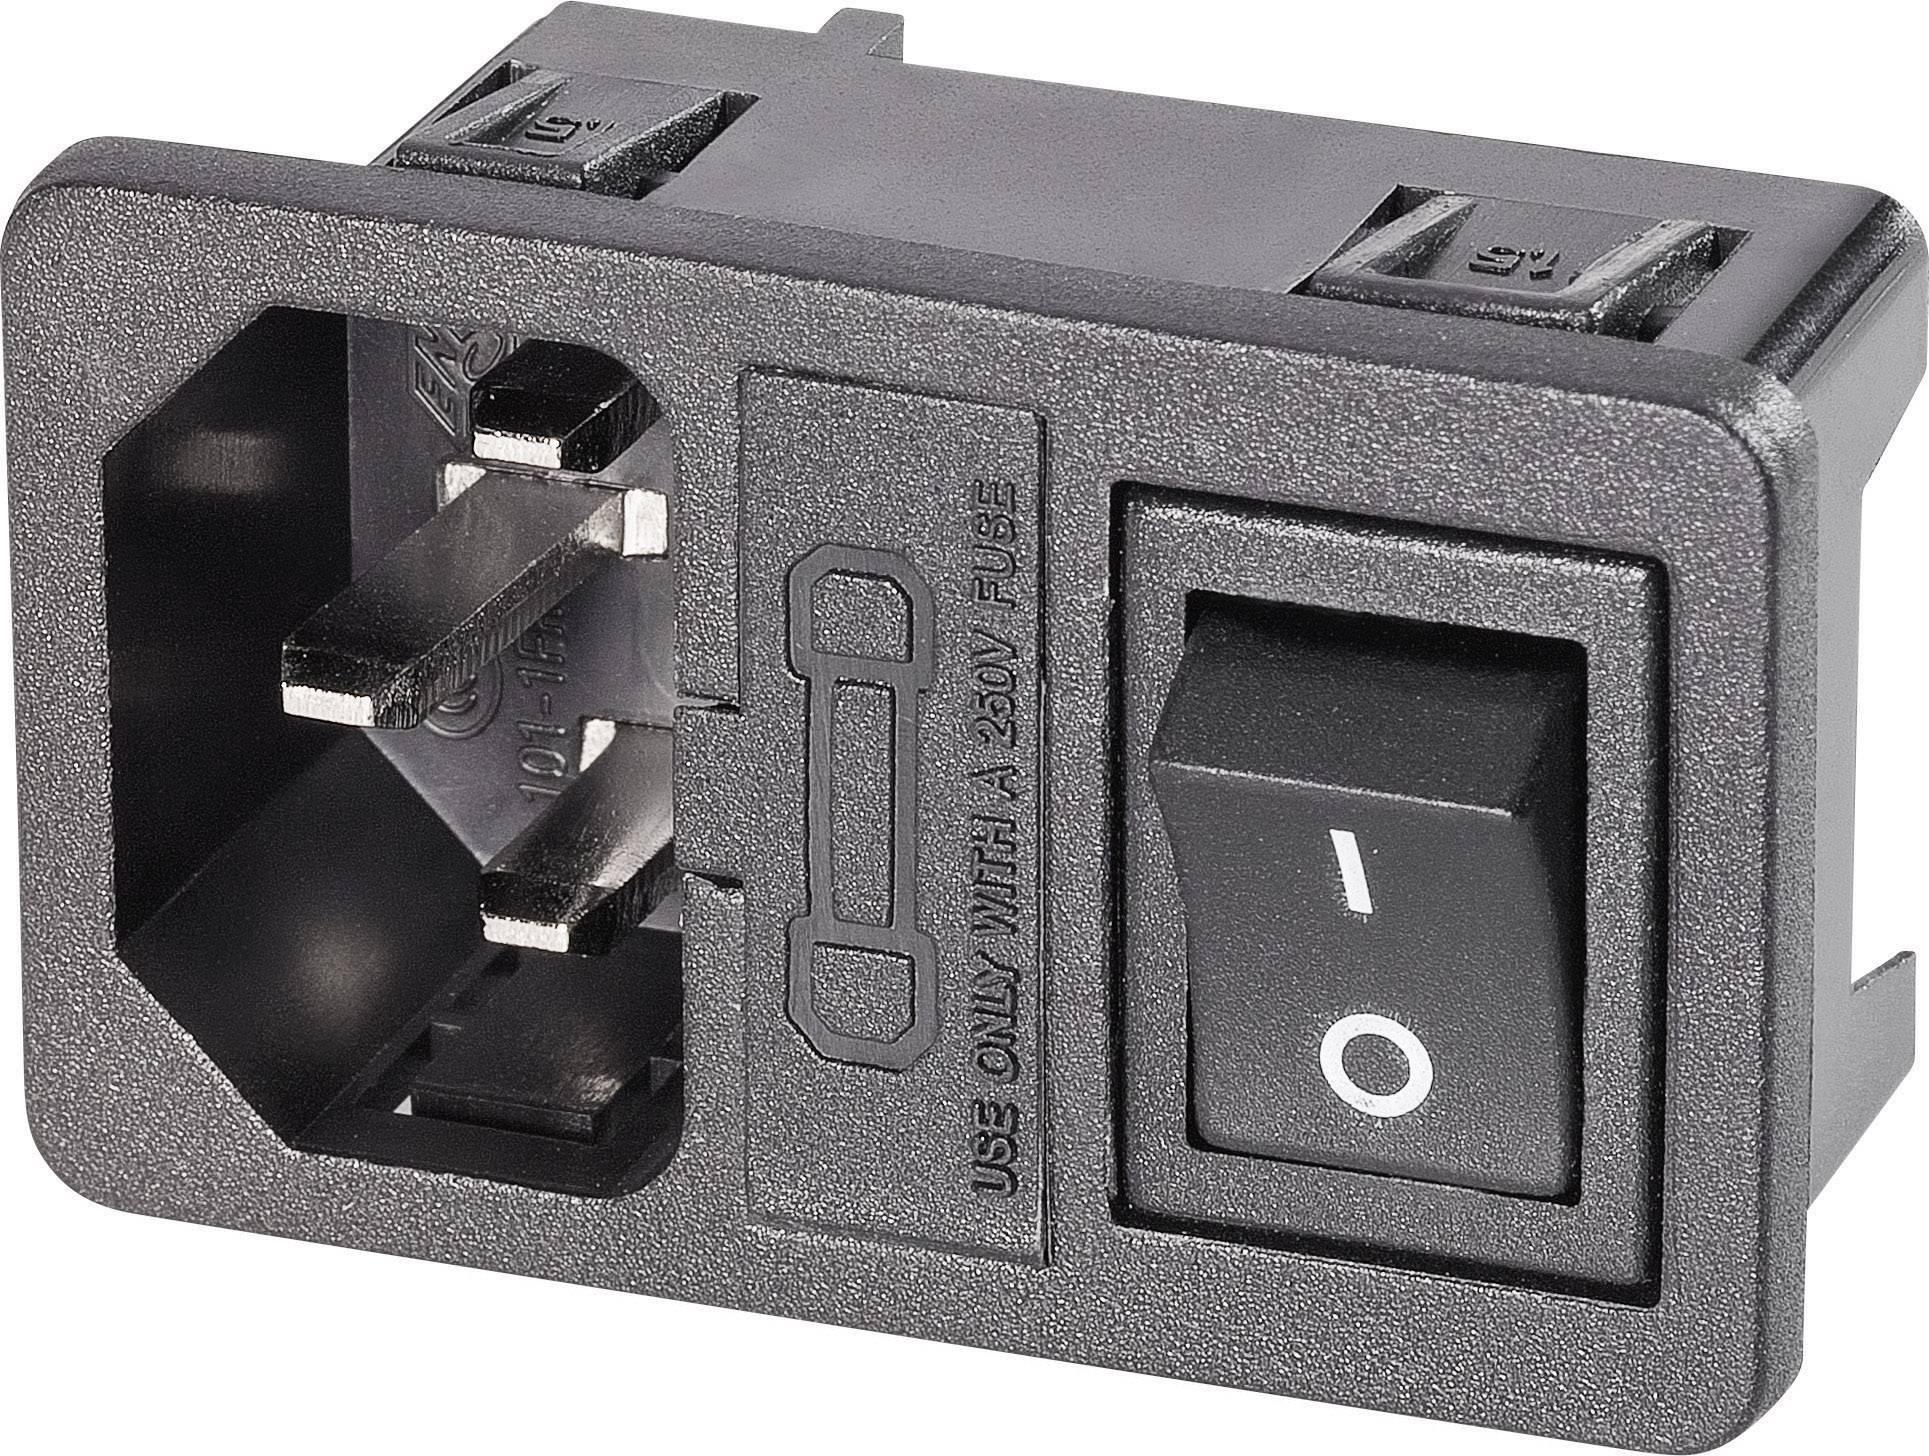 IEC zástrčka C13/C14 K & B 59JR101-1FRS150;C14, zástrčka, vstaviteľná vertikálna, počet kontaktov: 2 + PE, 250 V/AC, čierna, 1 ks